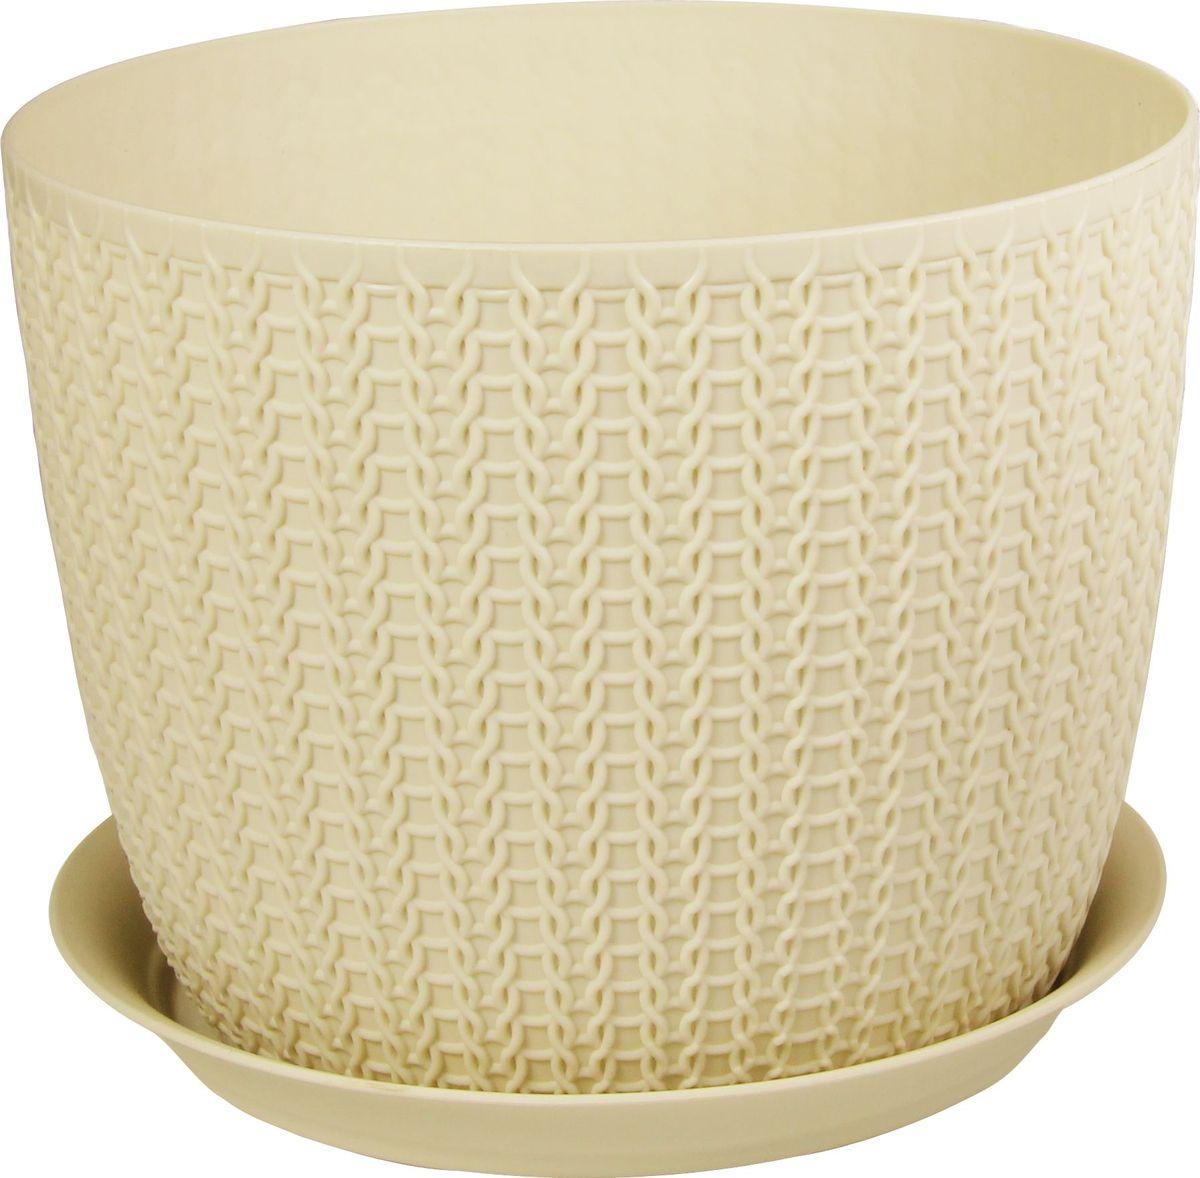 Кашпо Idea Вязание, с поддоном, цвет: белый ротанг, диаметр 18 смМ 3121_белый ротангКашпо Idea Вязание изготовлено из полипропилена (пластика). Специальная подставка предназначена для стока воды. Изделие прекрасно подходит для выращивания растений и цветов в домашних условиях.Диаметр кашпо: 18 см. Высота кашпо: 14 см. Объем кашпо: 2,8 л.